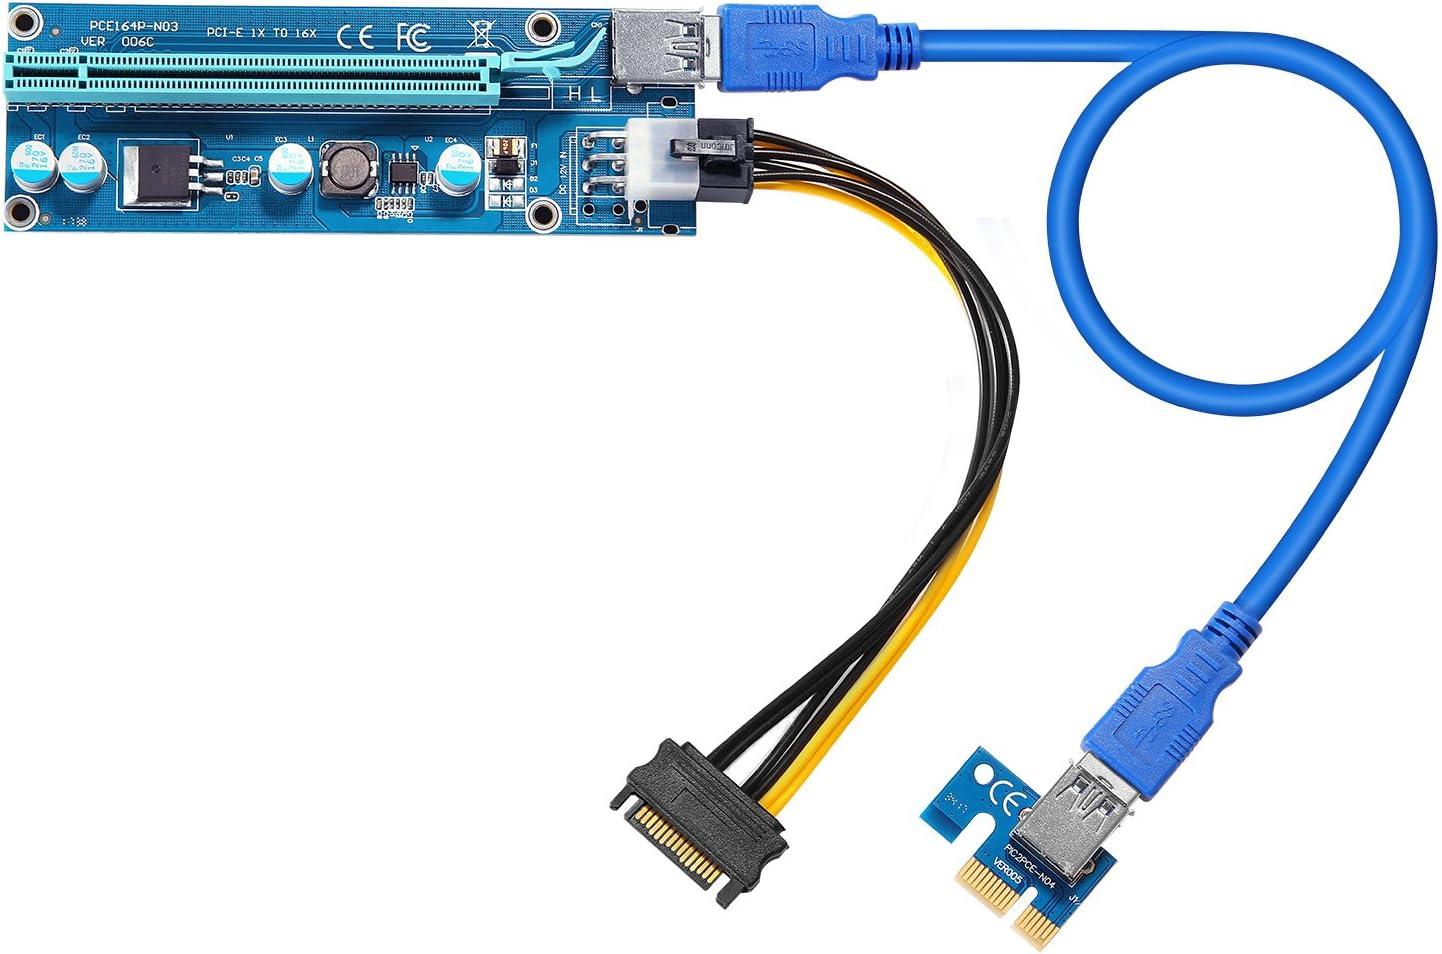 1 Pcie Riser 16x To 1x Con 60cm Usb 3.0 Para Criptomineria